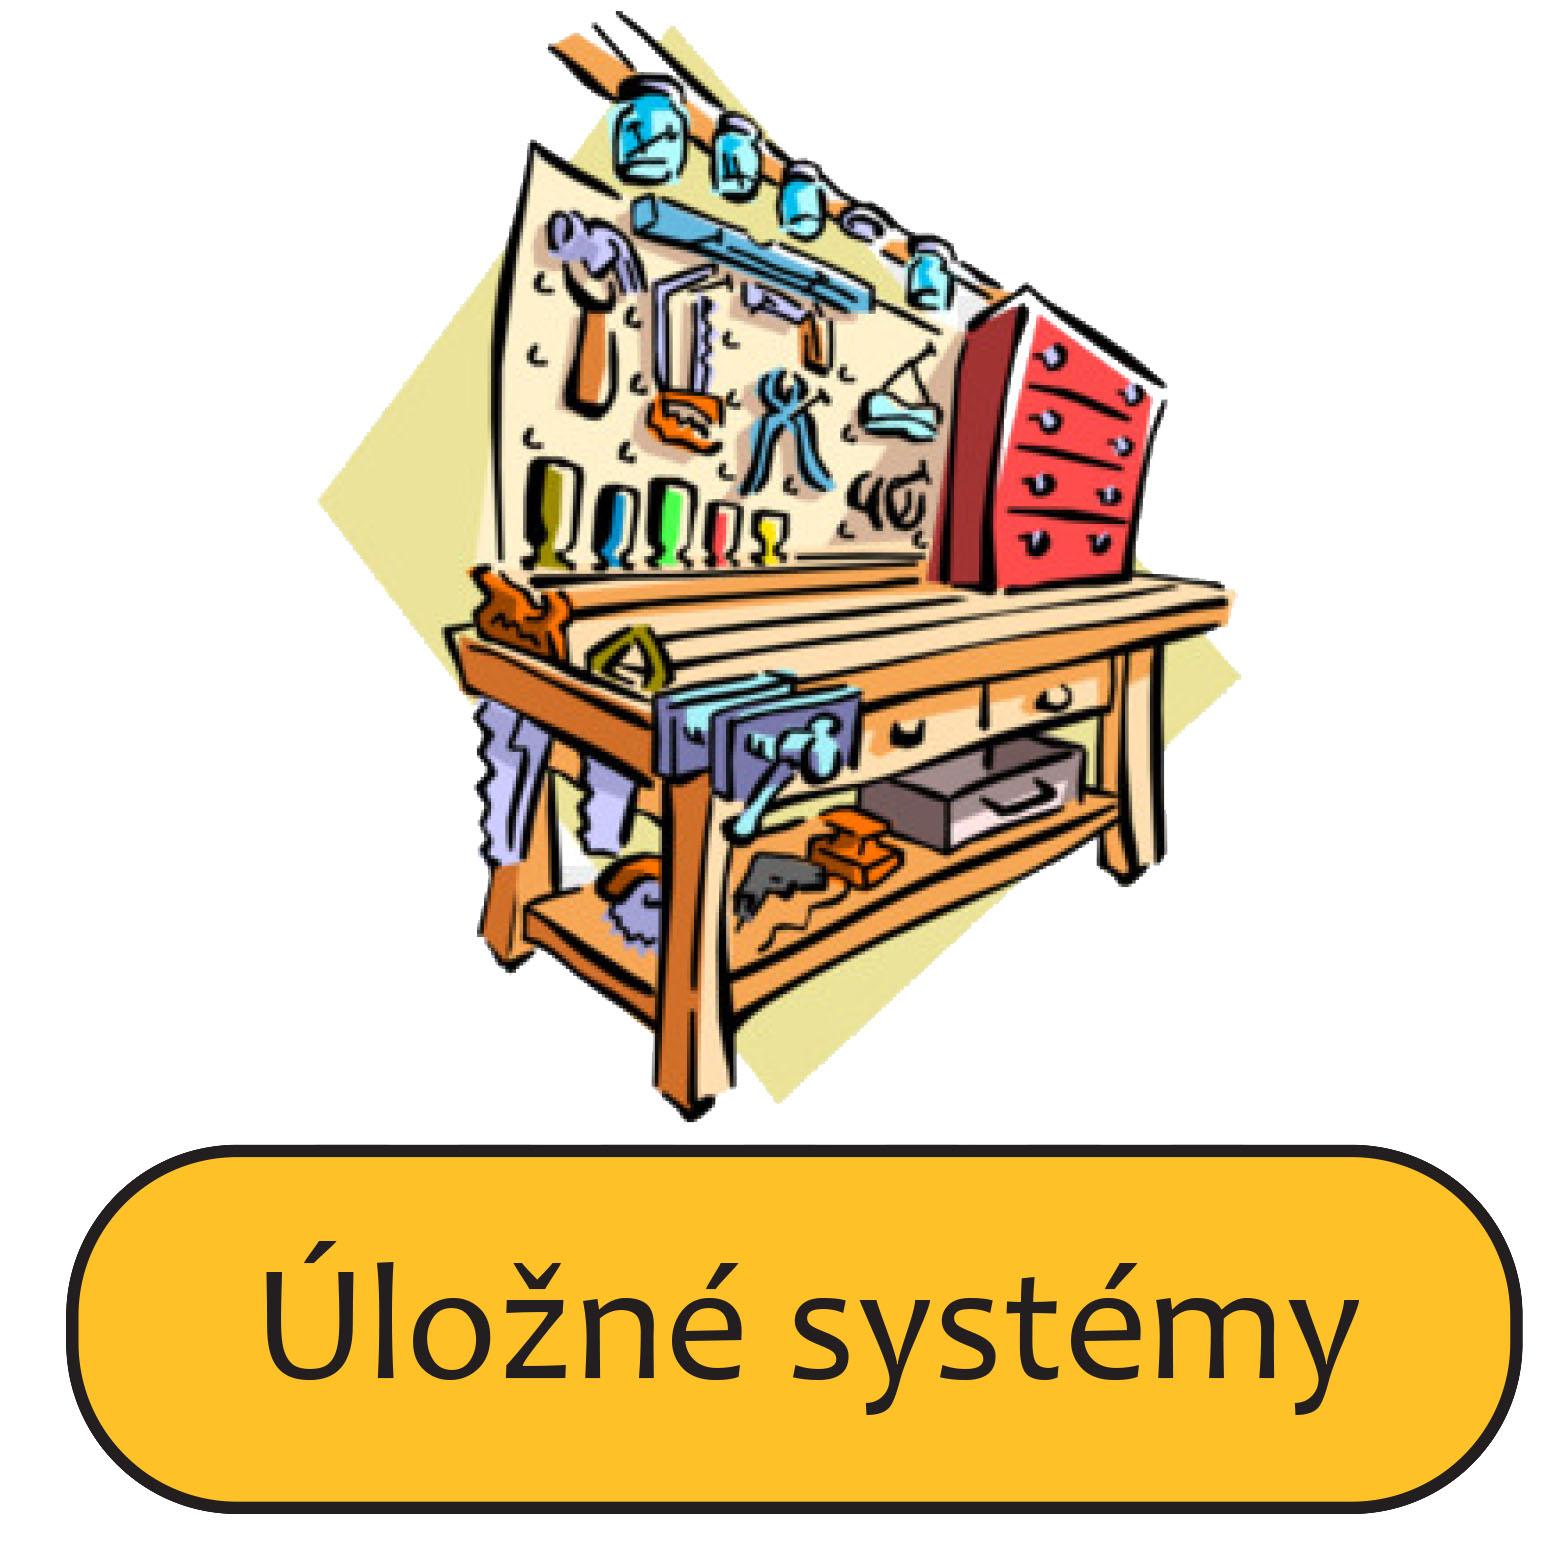 Úložné systémy